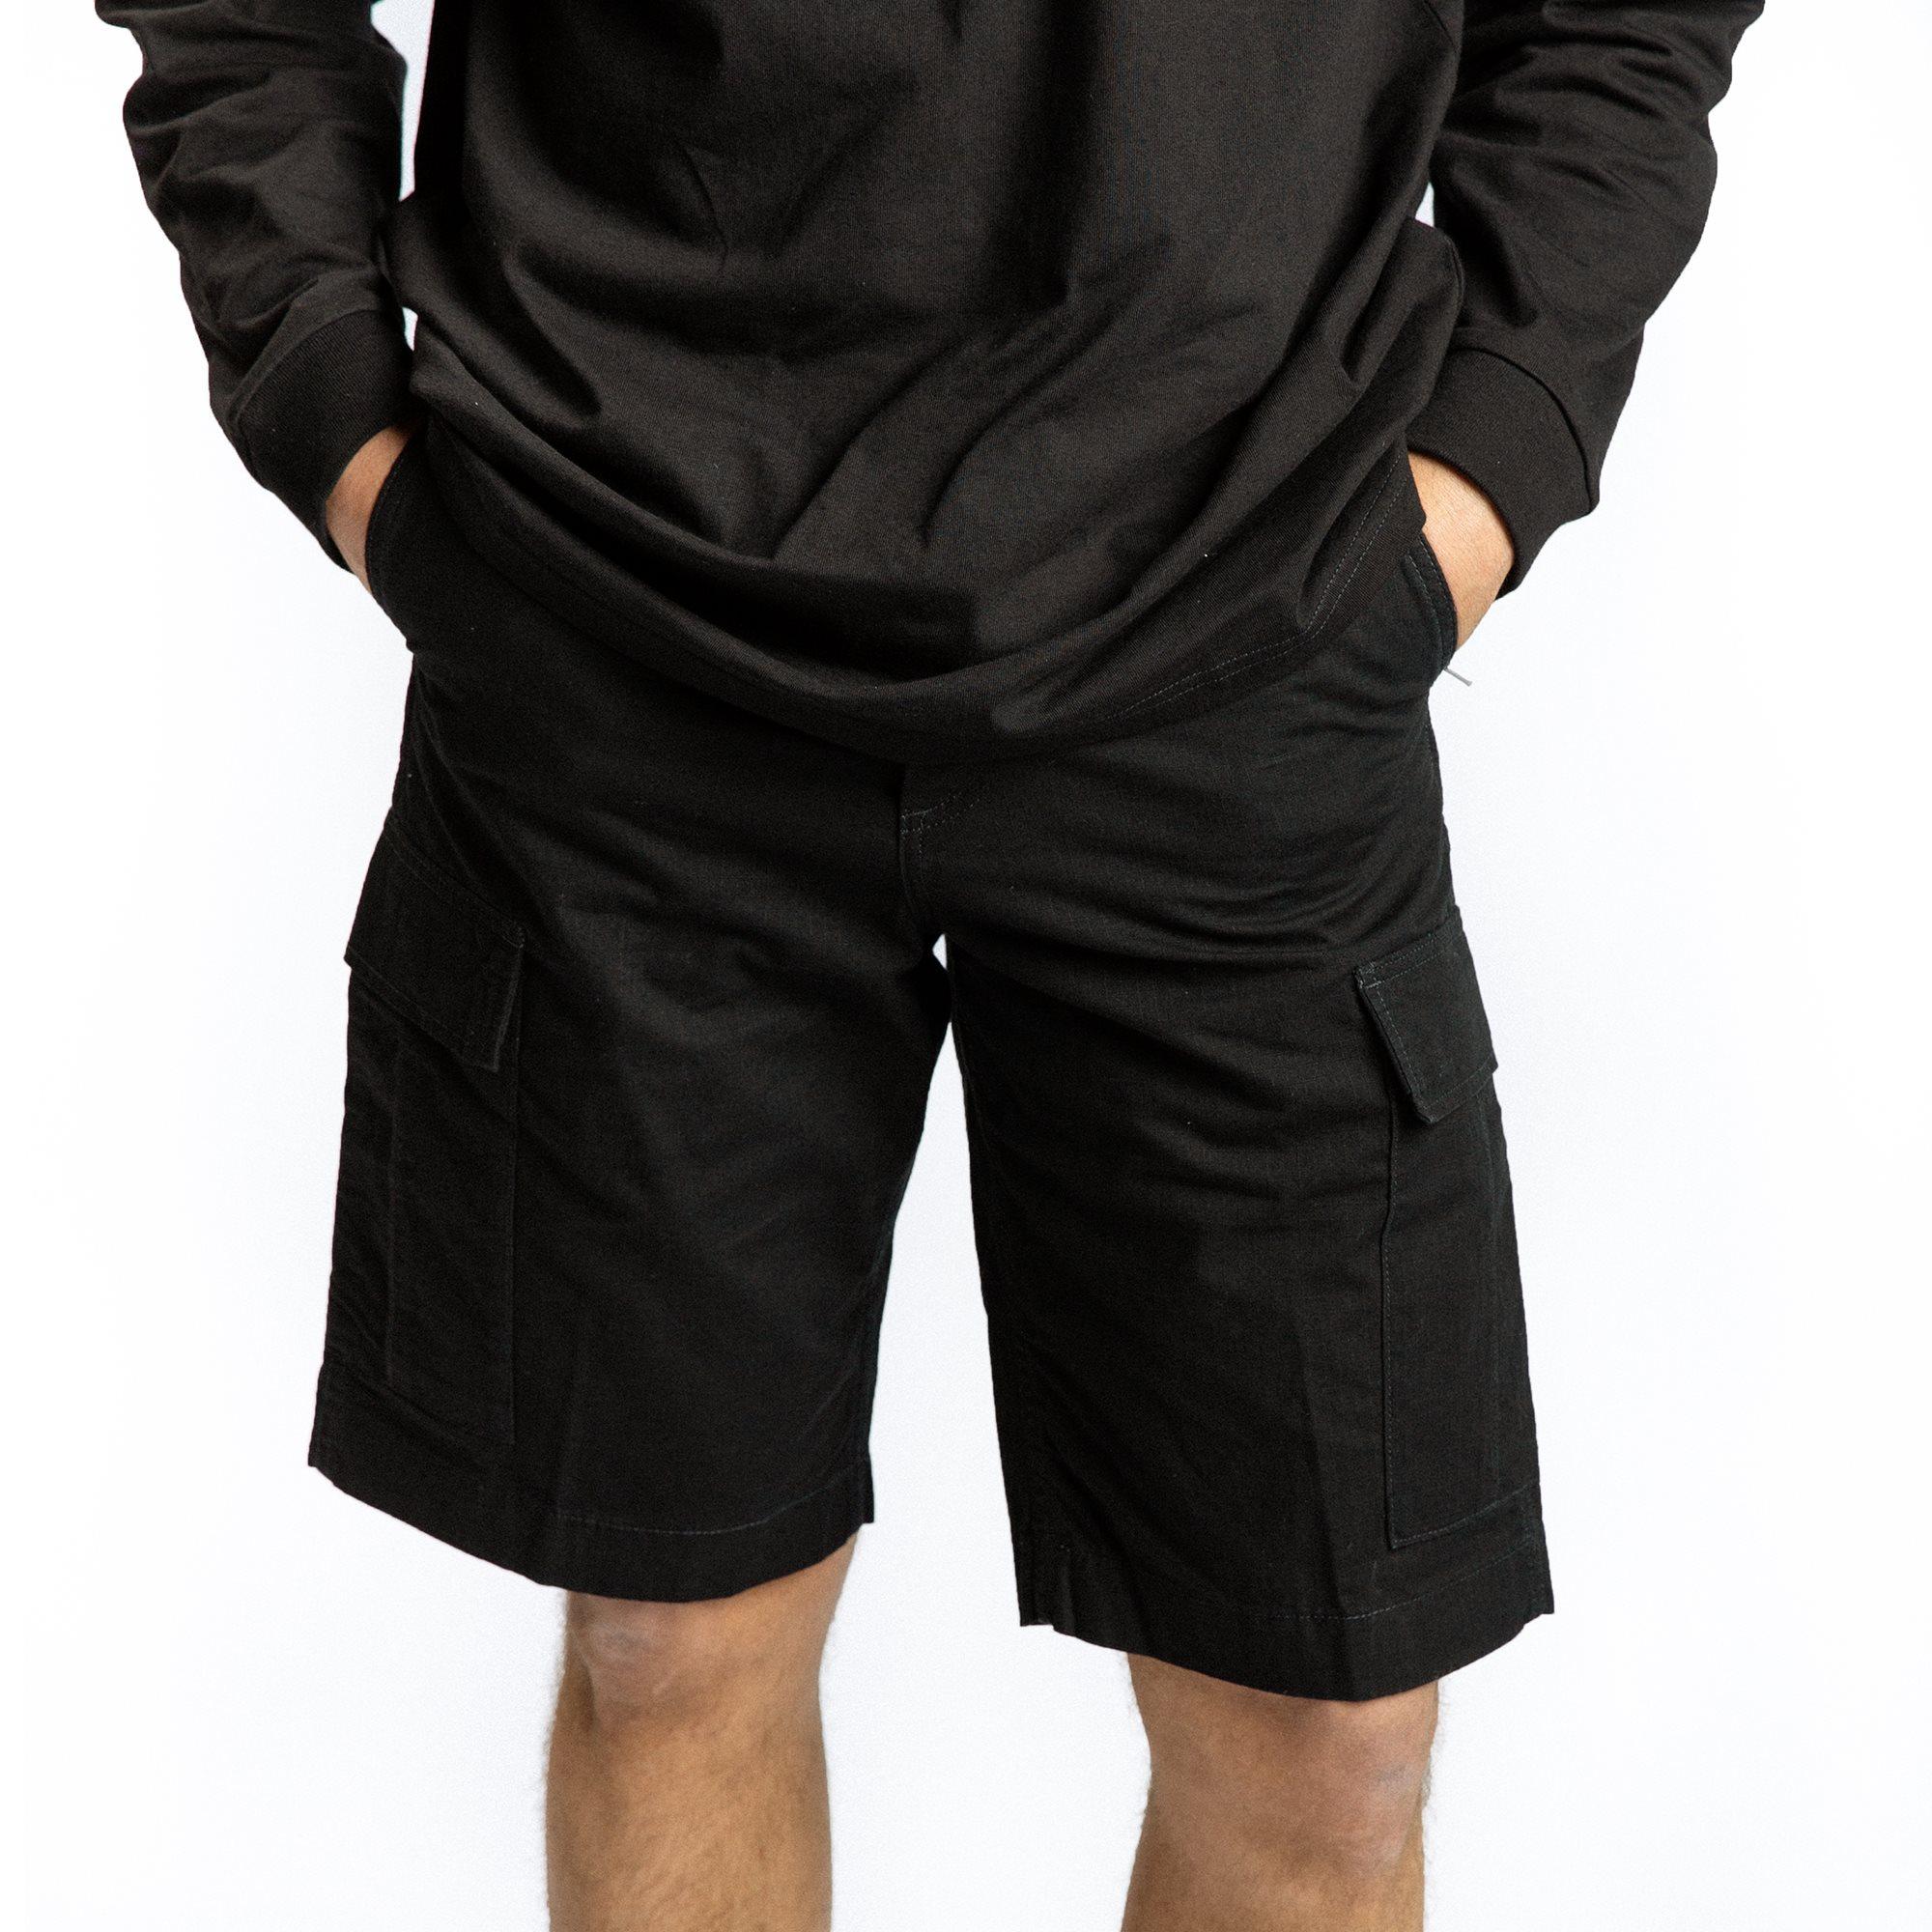 Regular Cargo Shorts I028246 - Shorts - Regular fit - Sort